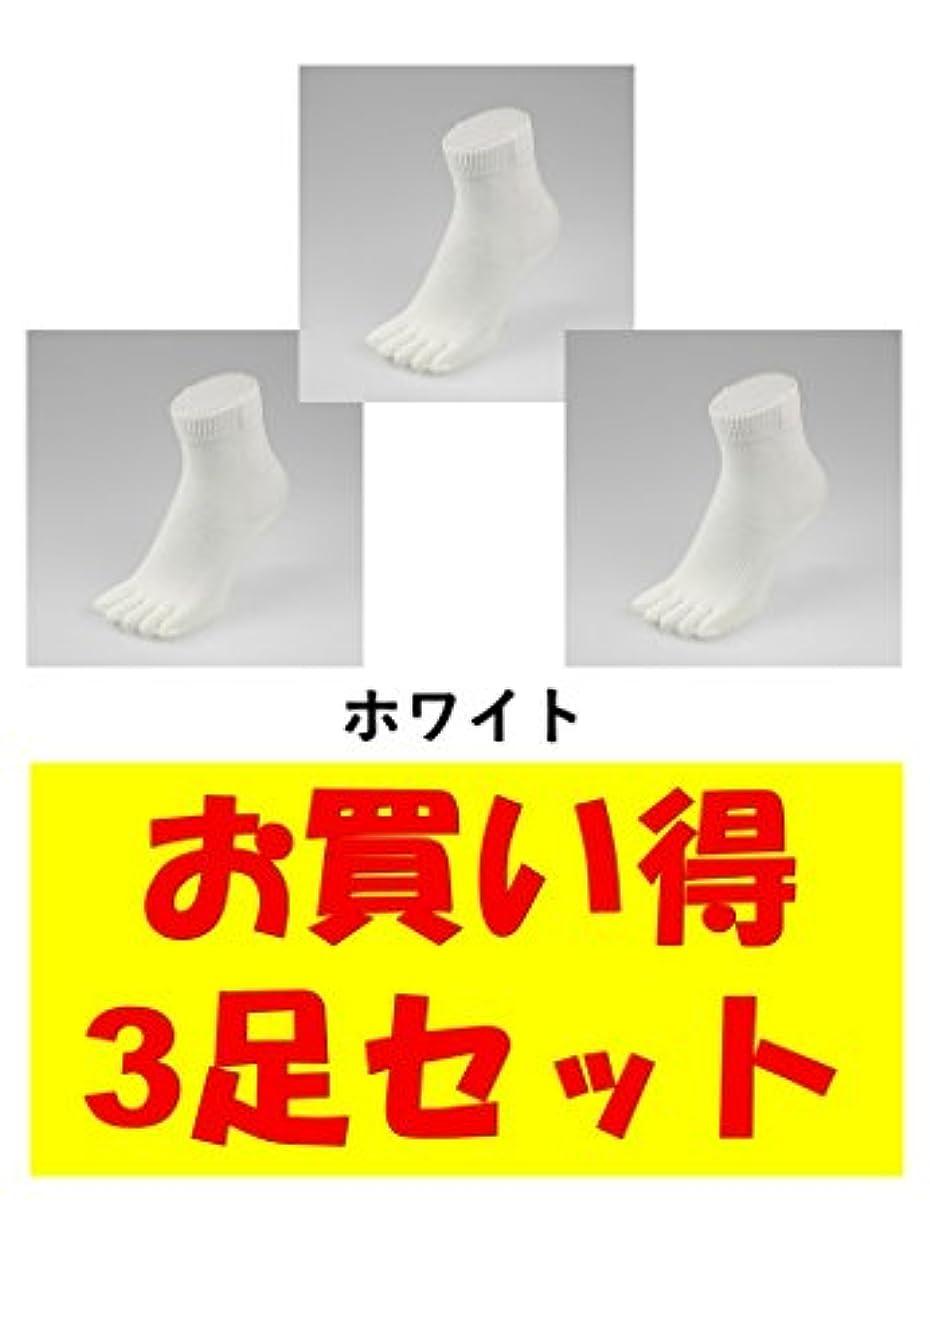 クラフト失望させる恐ろしいお買い得3足セット 5本指 ゆびのばソックス Neo EVE(イヴ) ホワイト Sサイズ(21.0cm - 24.0cm) YSNEVE-WHT